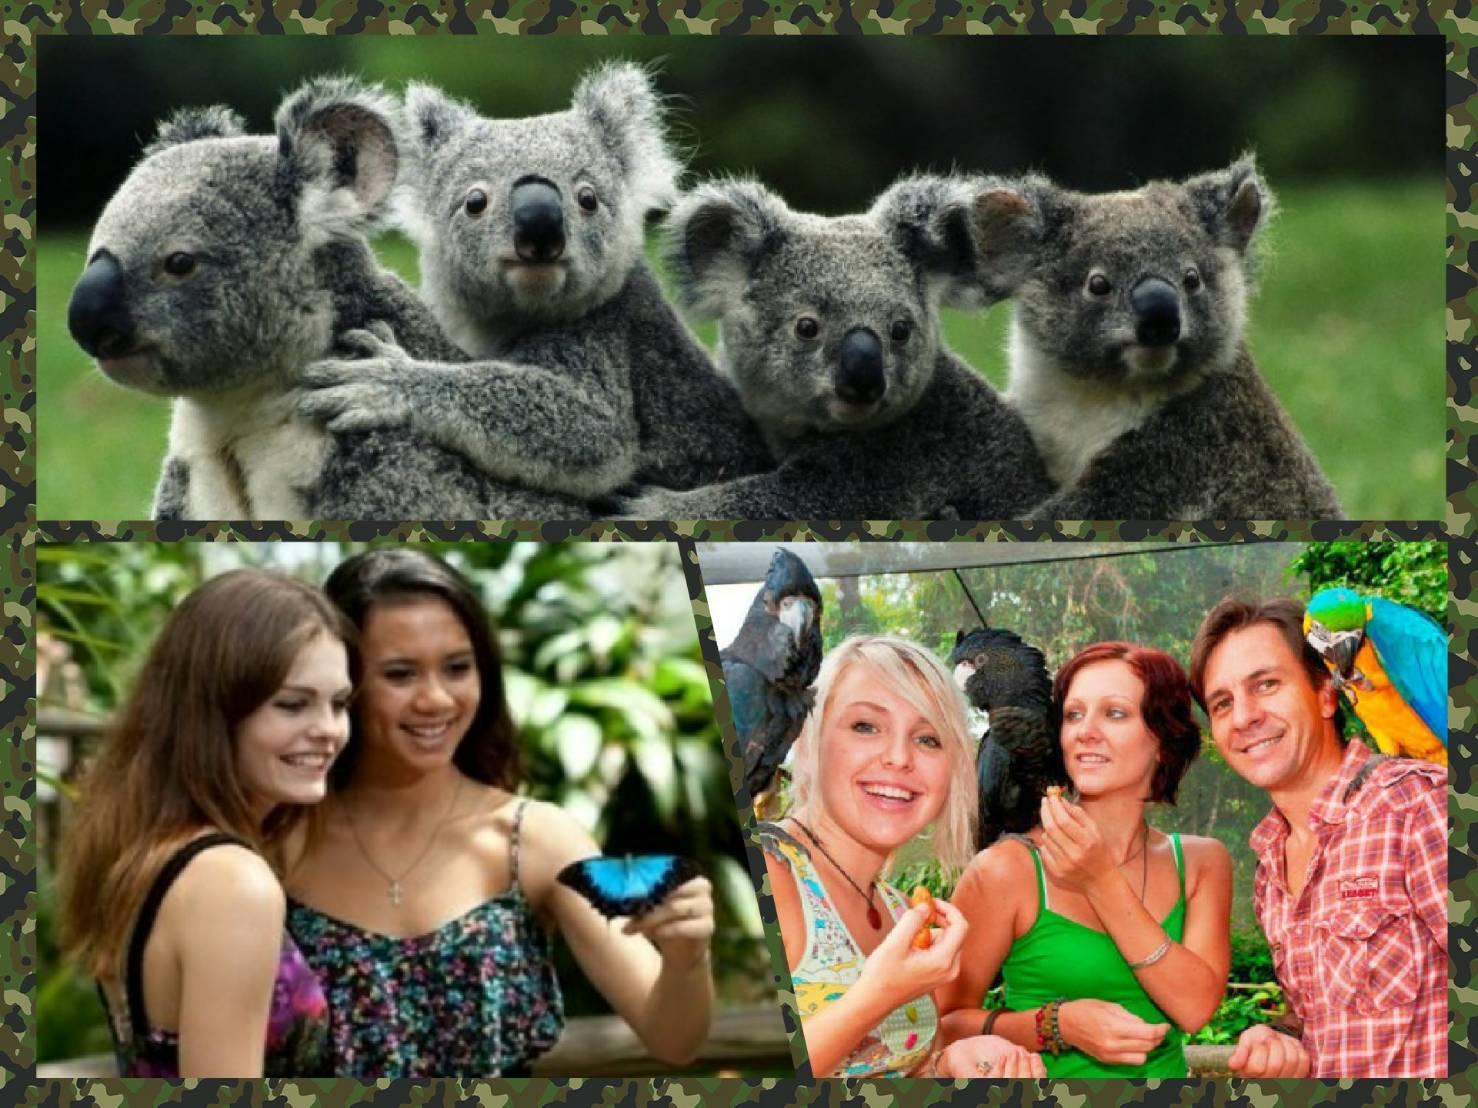 コアラガーデン動物園&バードワールド野鳥園&バタフライサンクチュアリ蝶園3パークパス